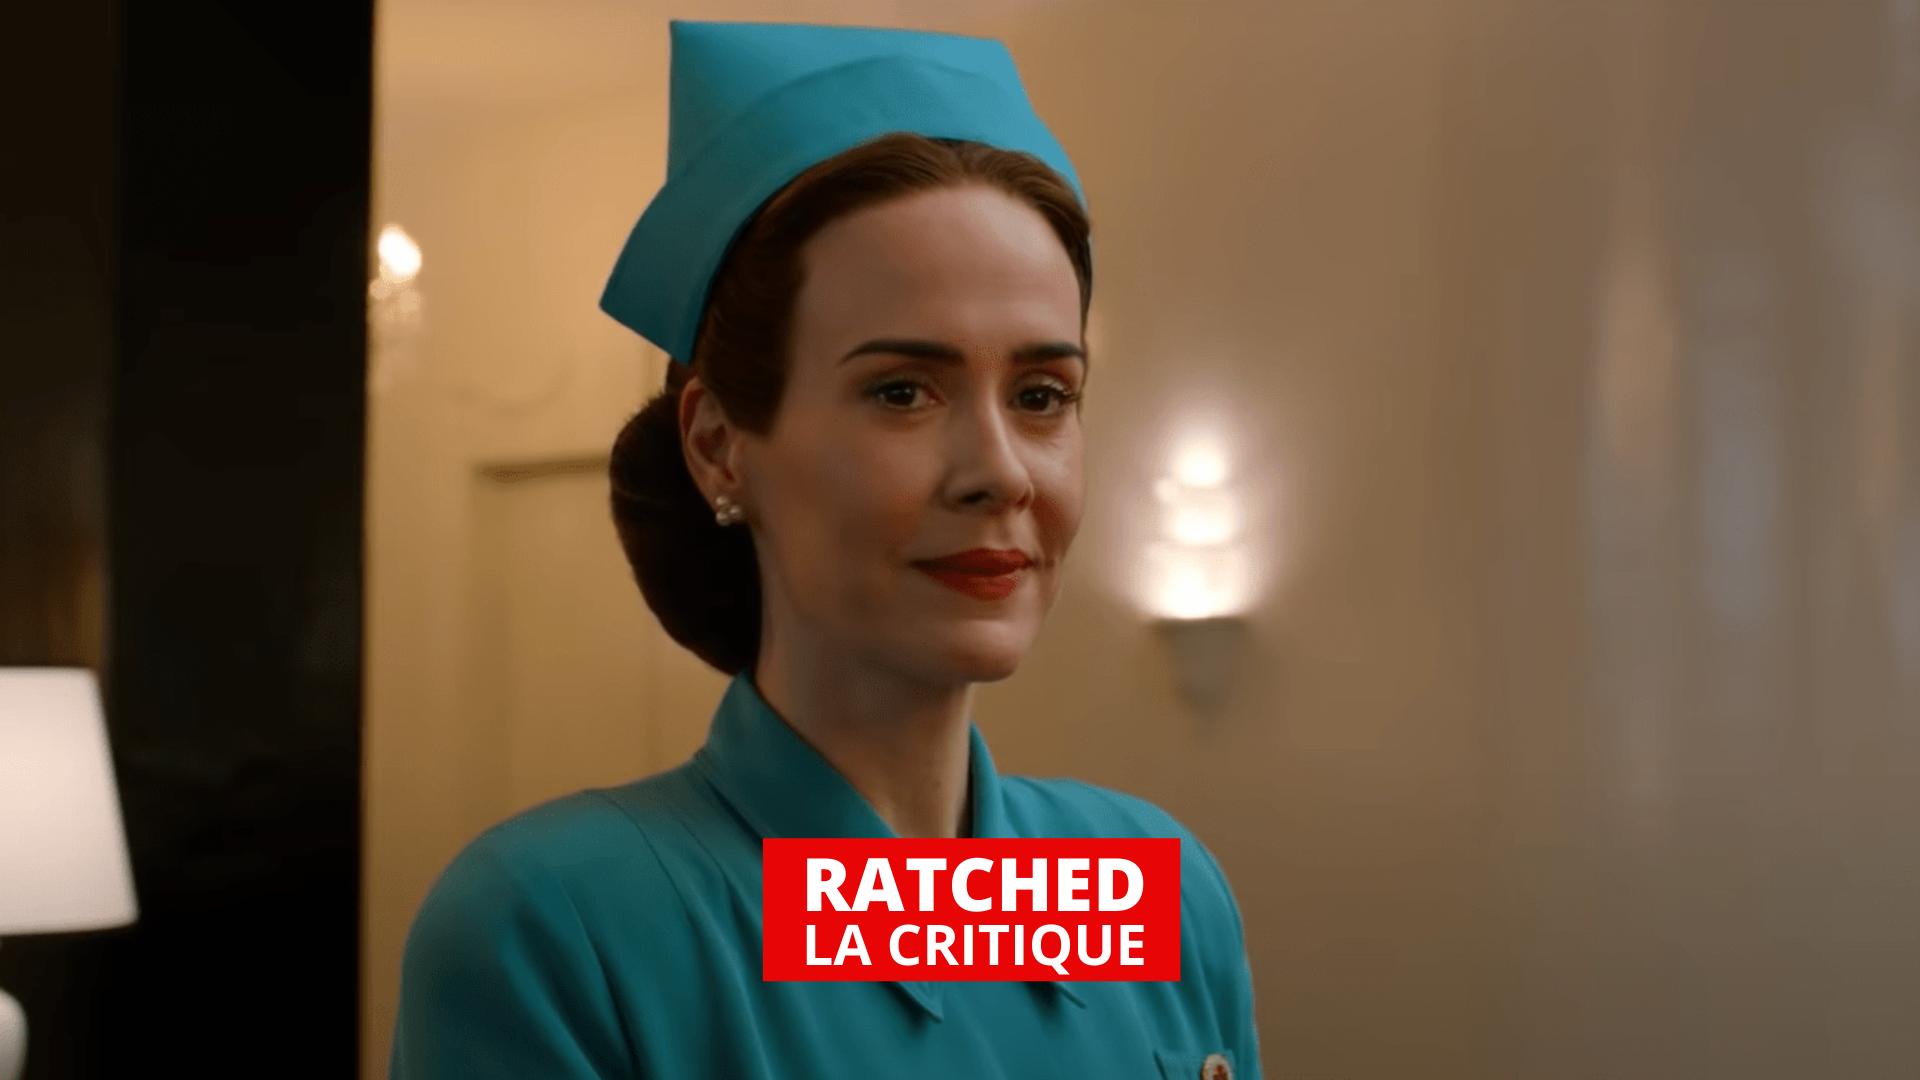 Critique de Ratched (Série, 2020) - CinéSéries